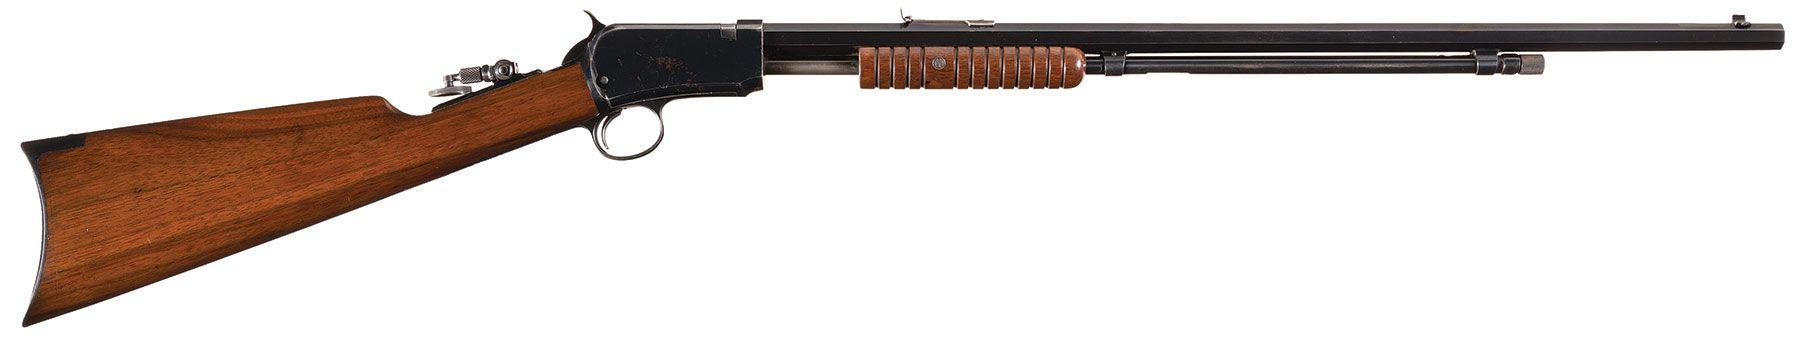 Winchester Model 1890 Takedown Slide Action Rifle in  22 Short